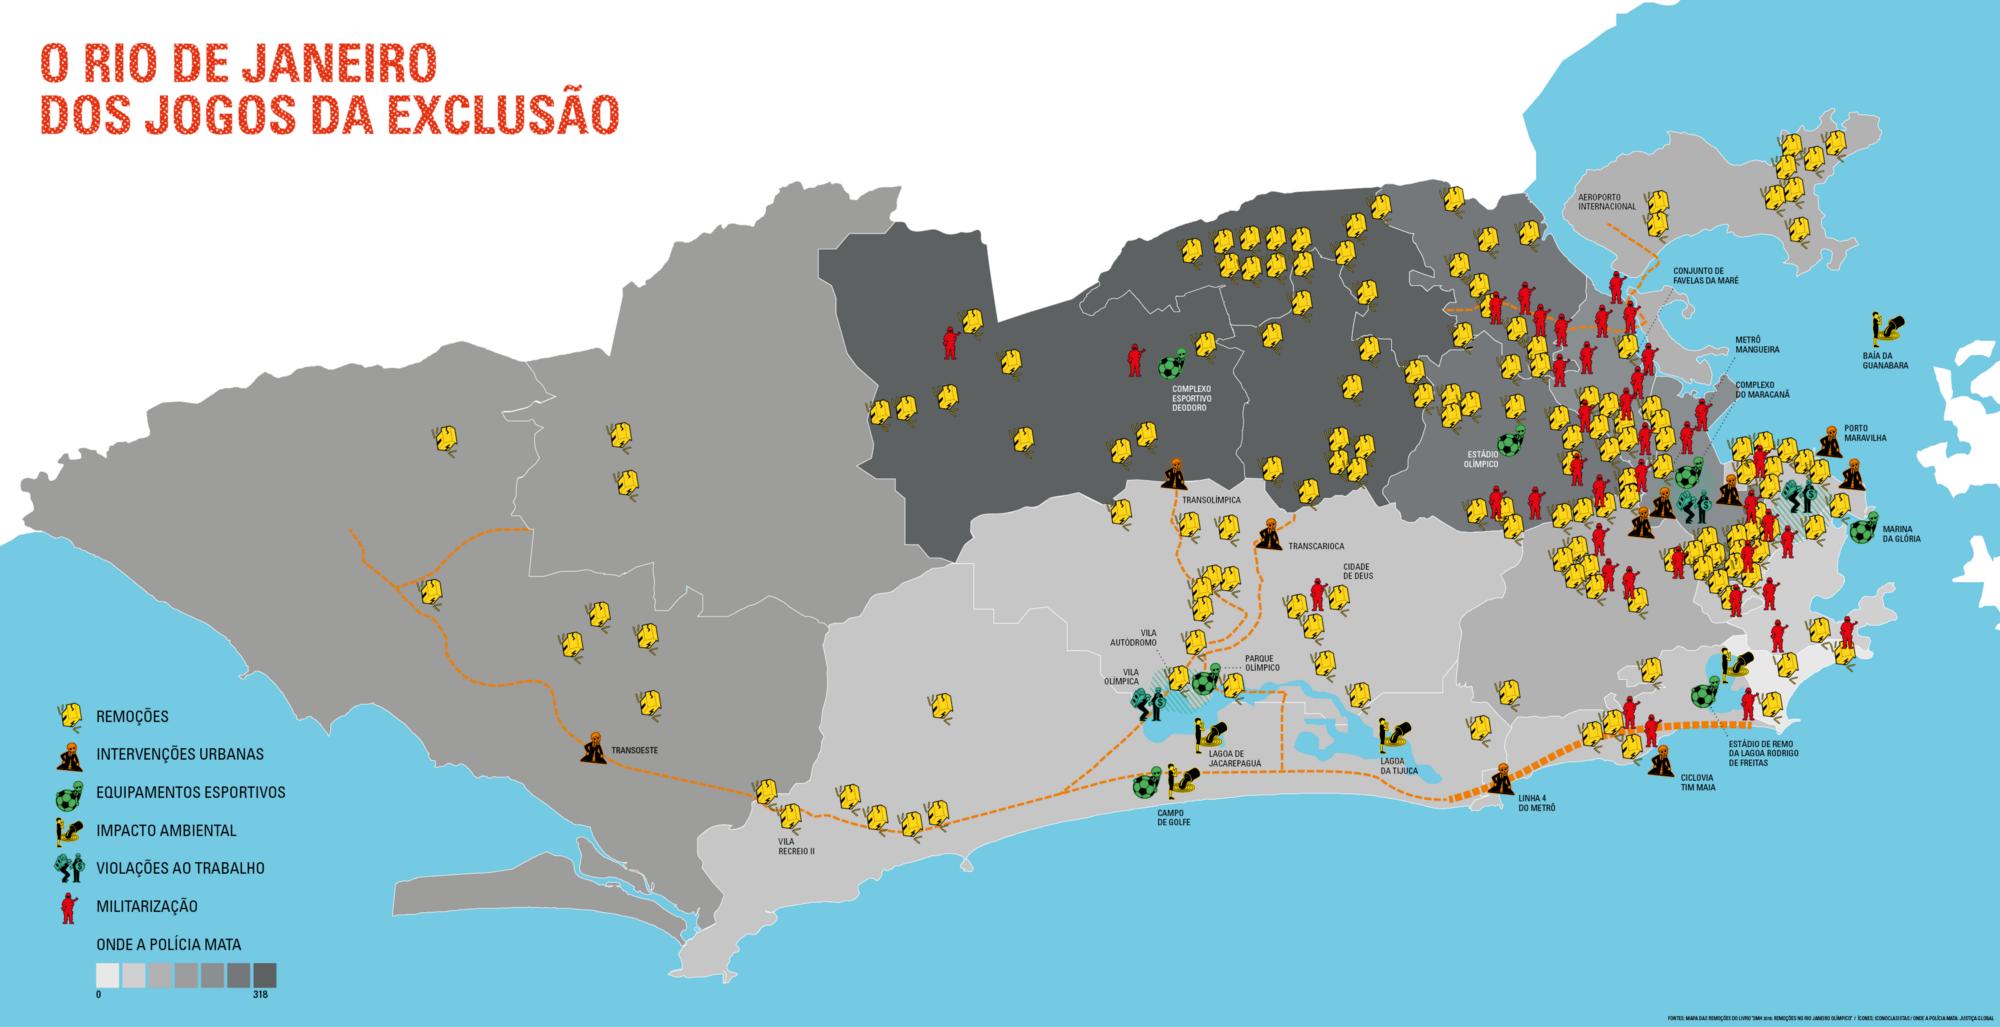 Comitê Popular da Copa e Olimpíadas do Rio de Janeiro